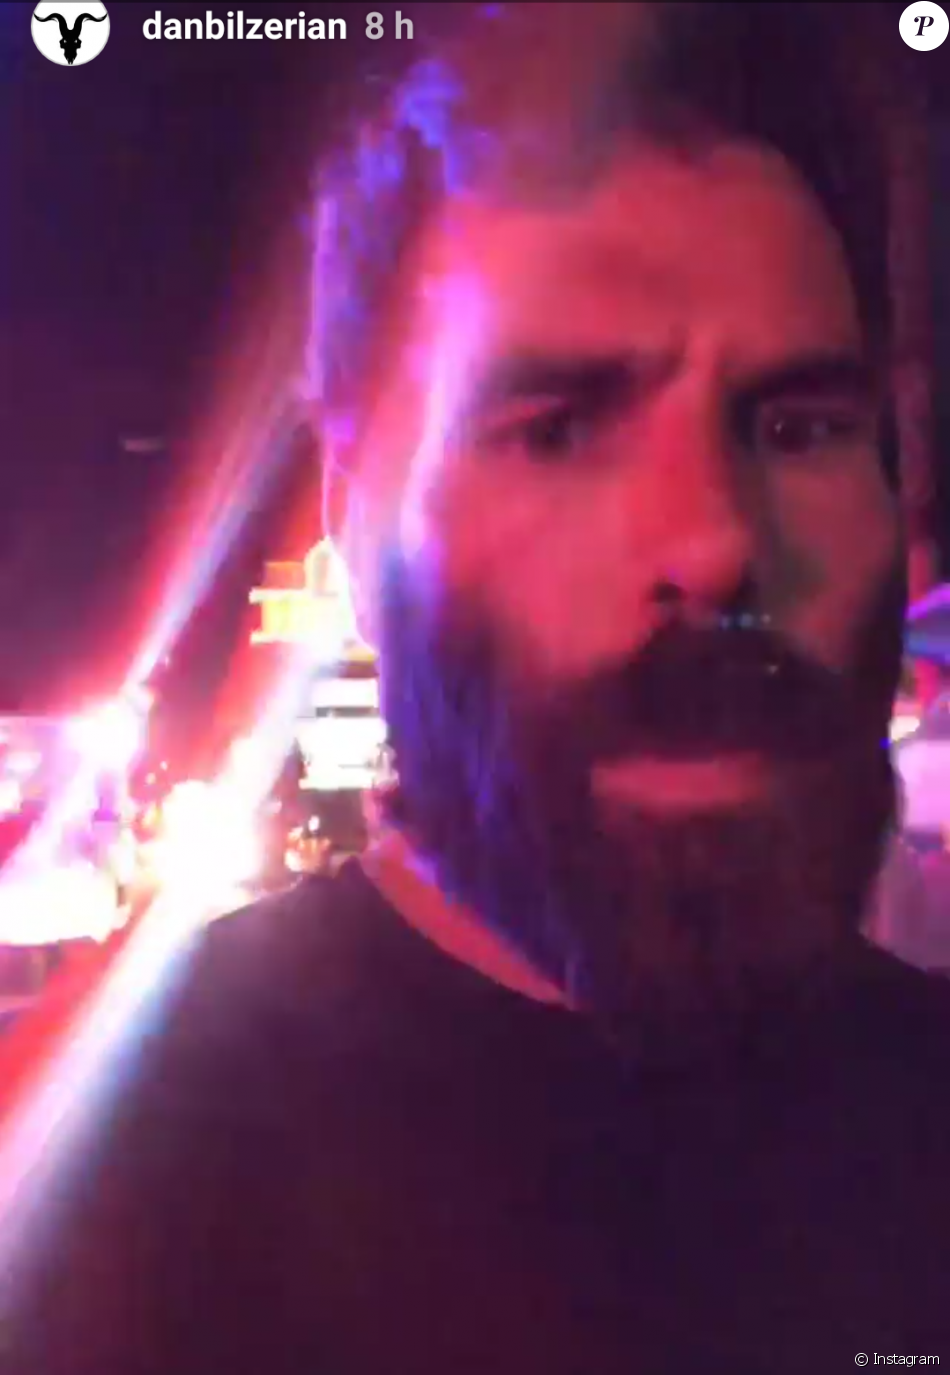 Dan Bilzerian s'est filmé en story Instagram alors qu'il fuyait les lieux du massacre perpétré le 1er octobre 2017 à Las Vegas pendant le concert de Jason Aldean.